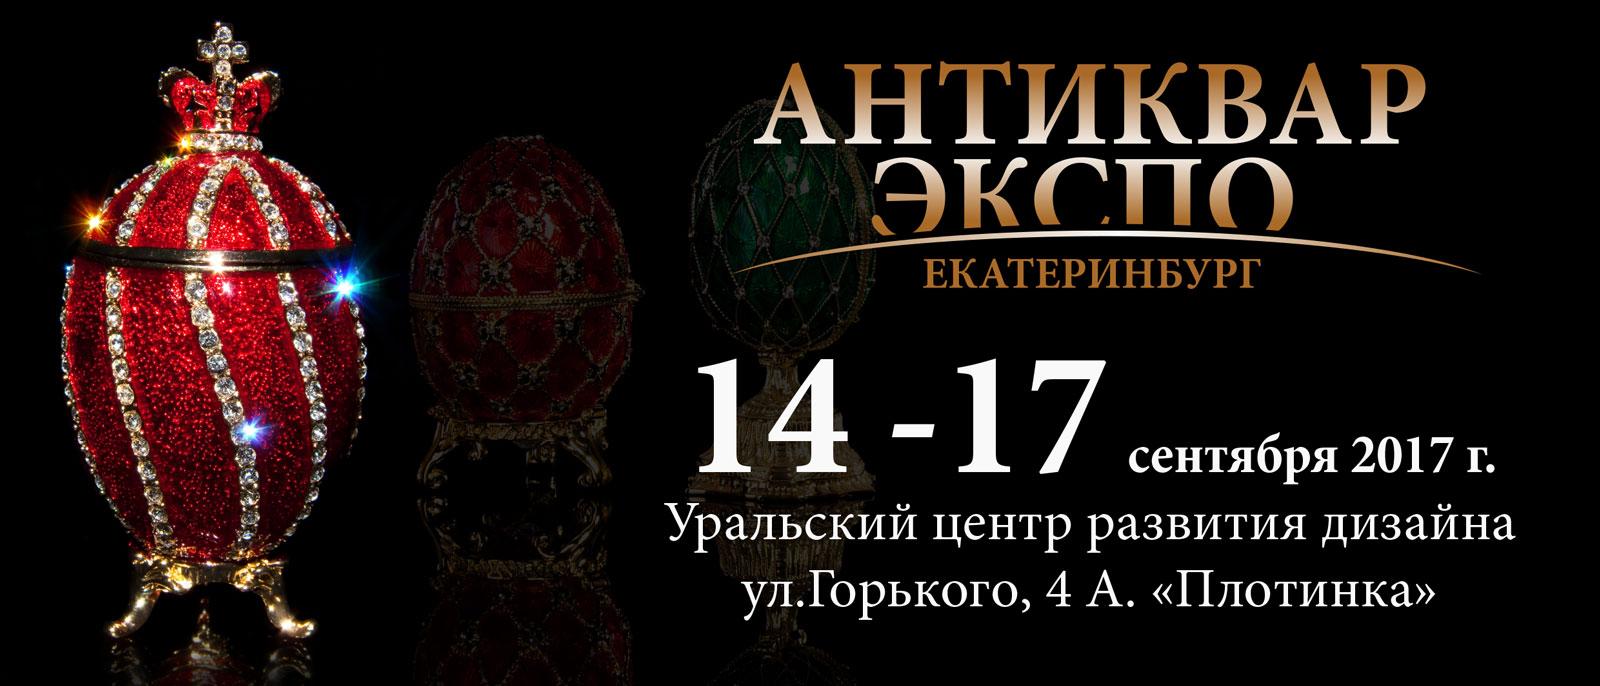 АНТИКВАР ЭКСПО ЕКАТЕРИНБУРГ